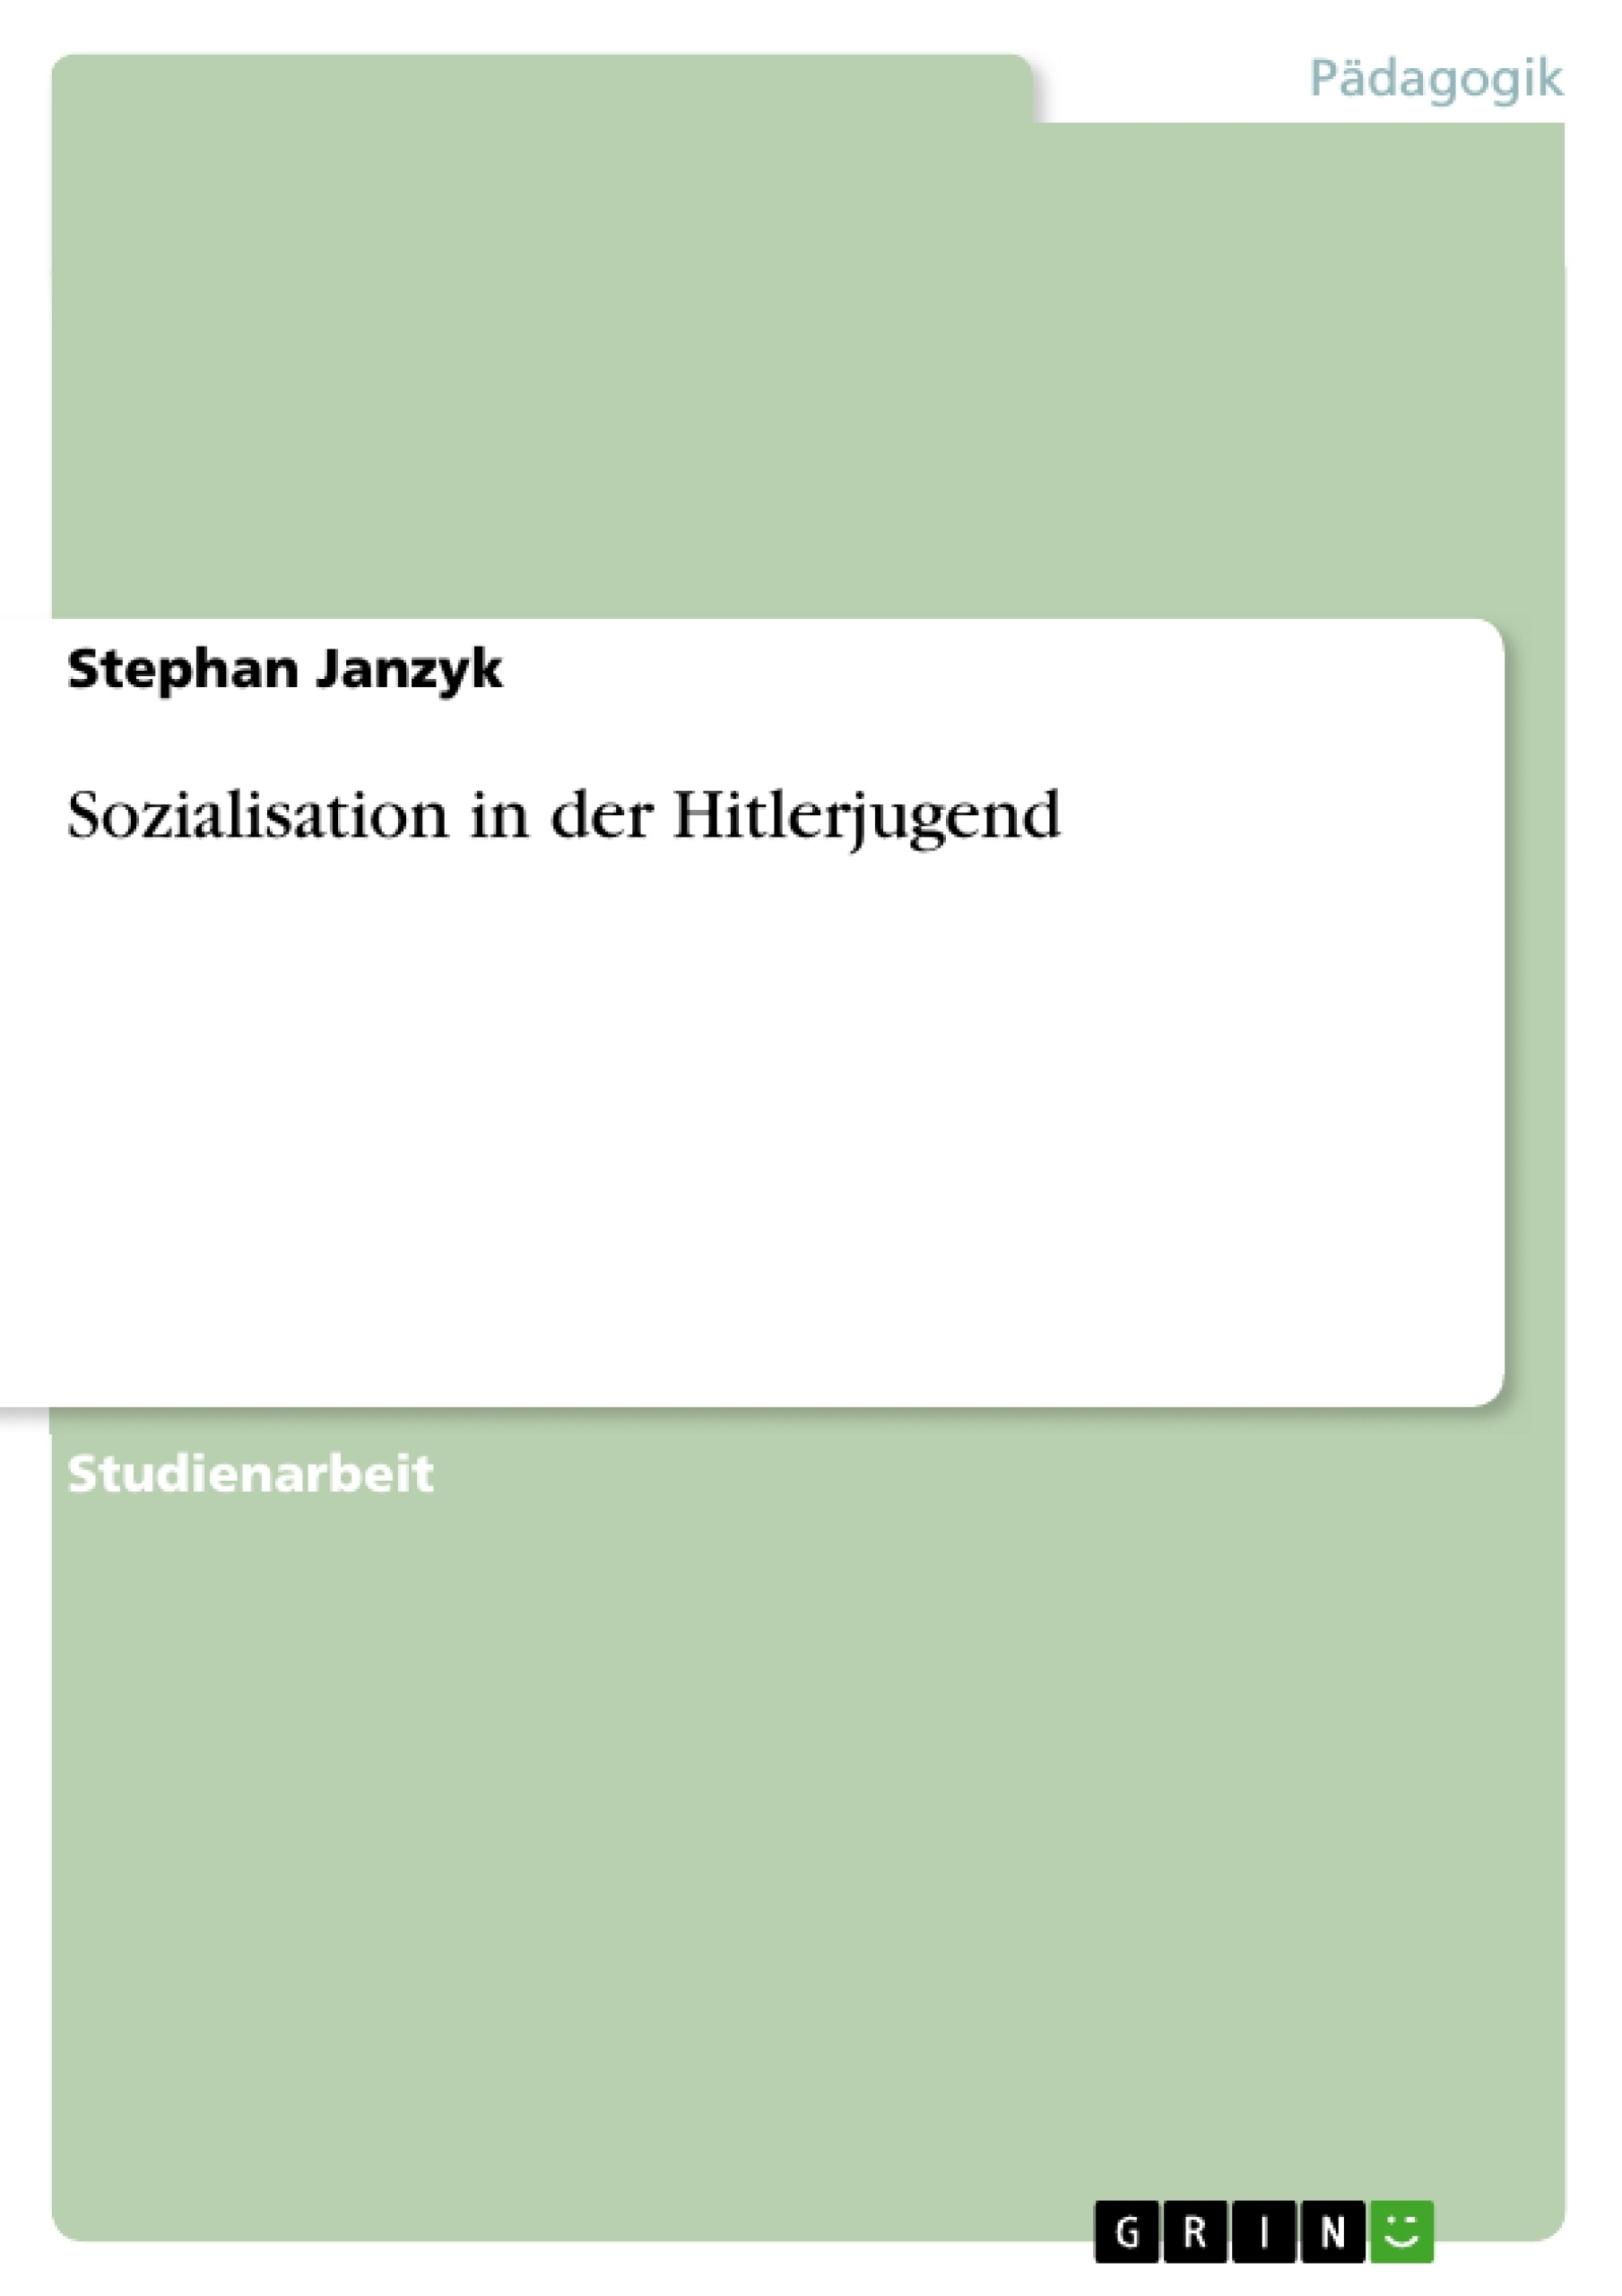 Titel: Sozialisation in der Hitlerjugend